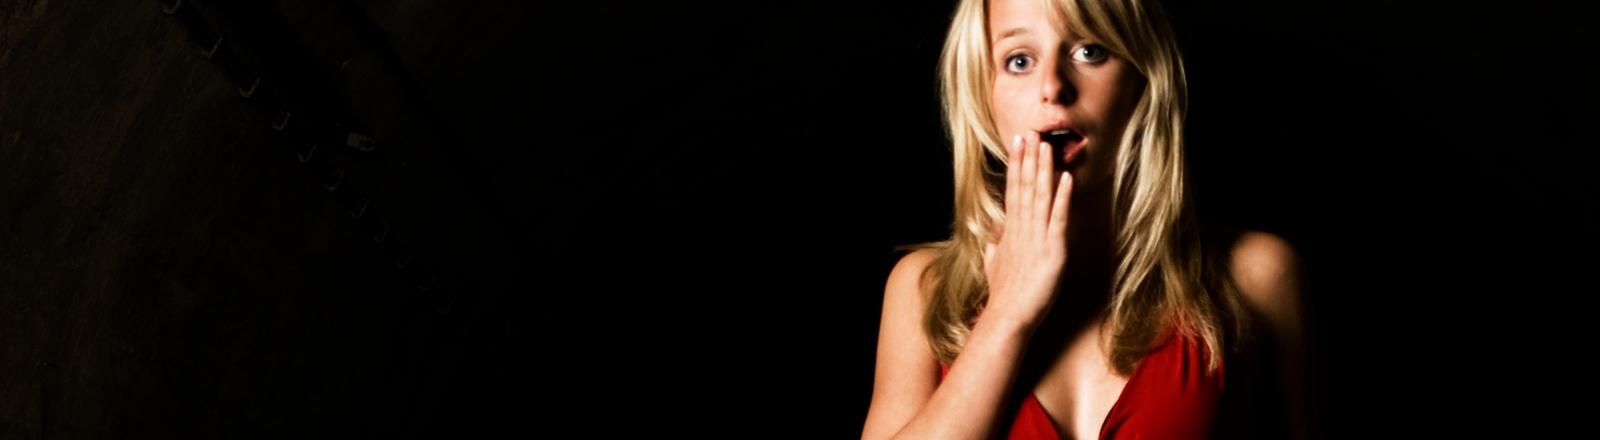 Eine Frau im roten Kleid reißt die Augen auf und hält erschrocken die Hand vor den Mund.